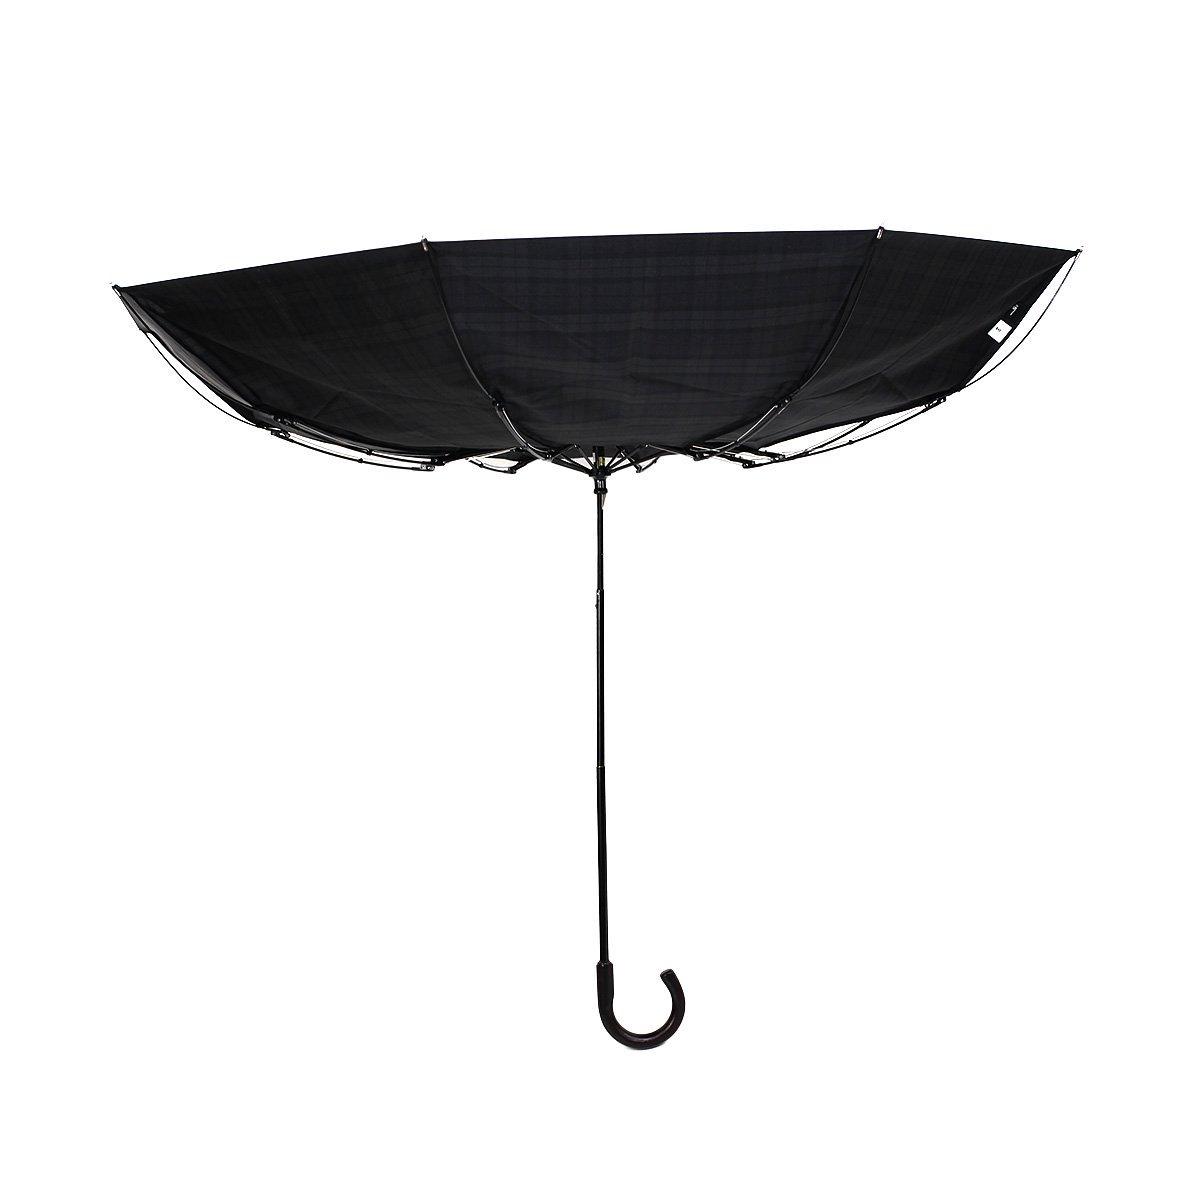 【セール】3カラー チェック 耐風骨 折りたたみ傘 詳細画像10